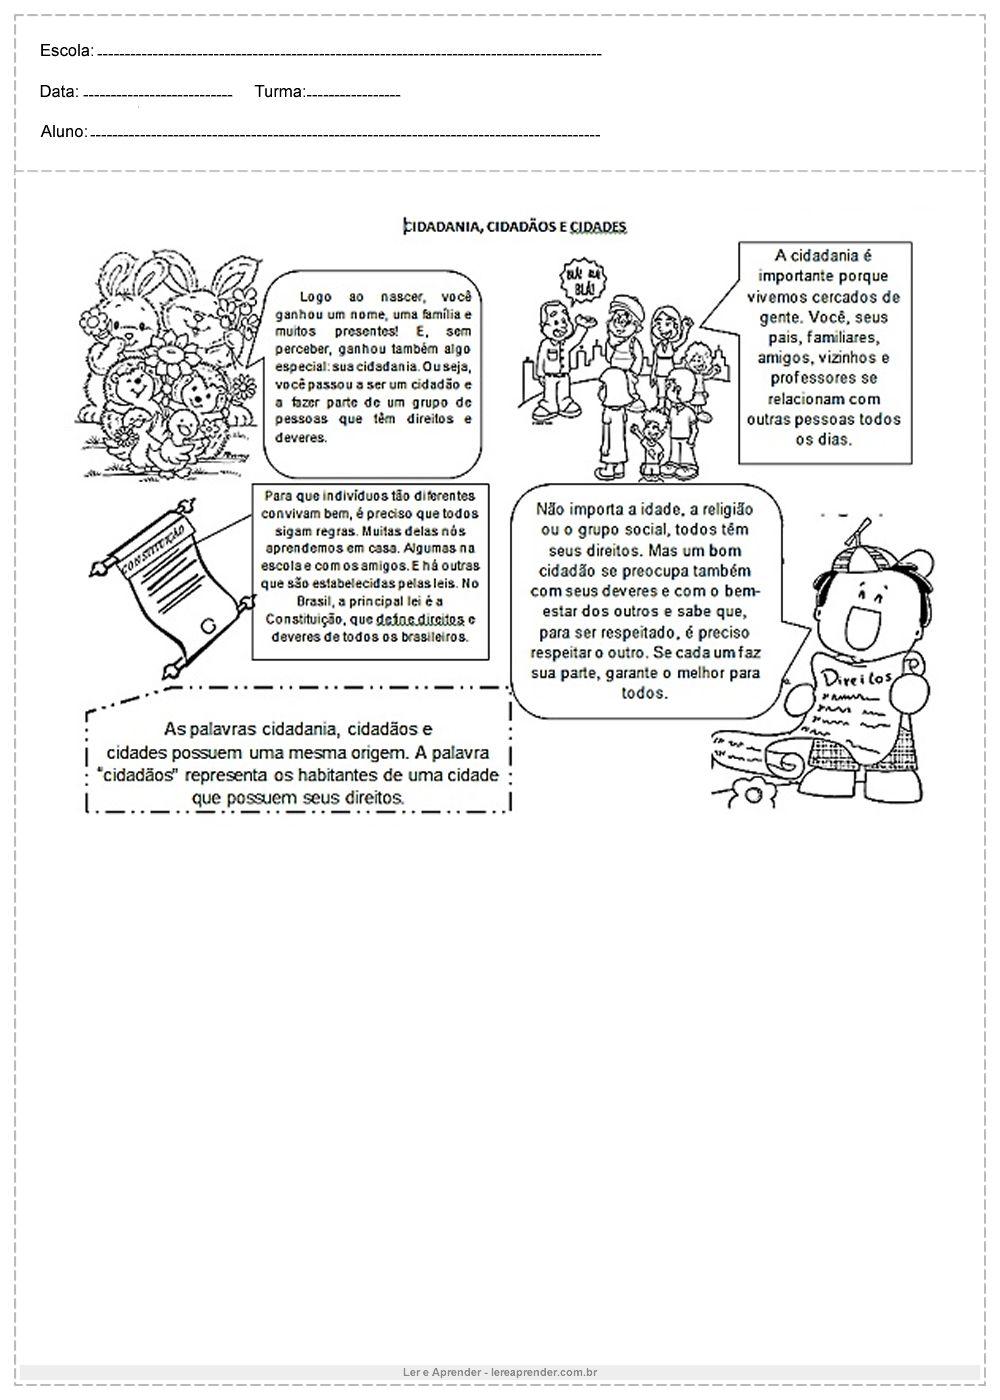 Atividades Sobre Cidadania Cidadaos E Cidades Atividades Sobre